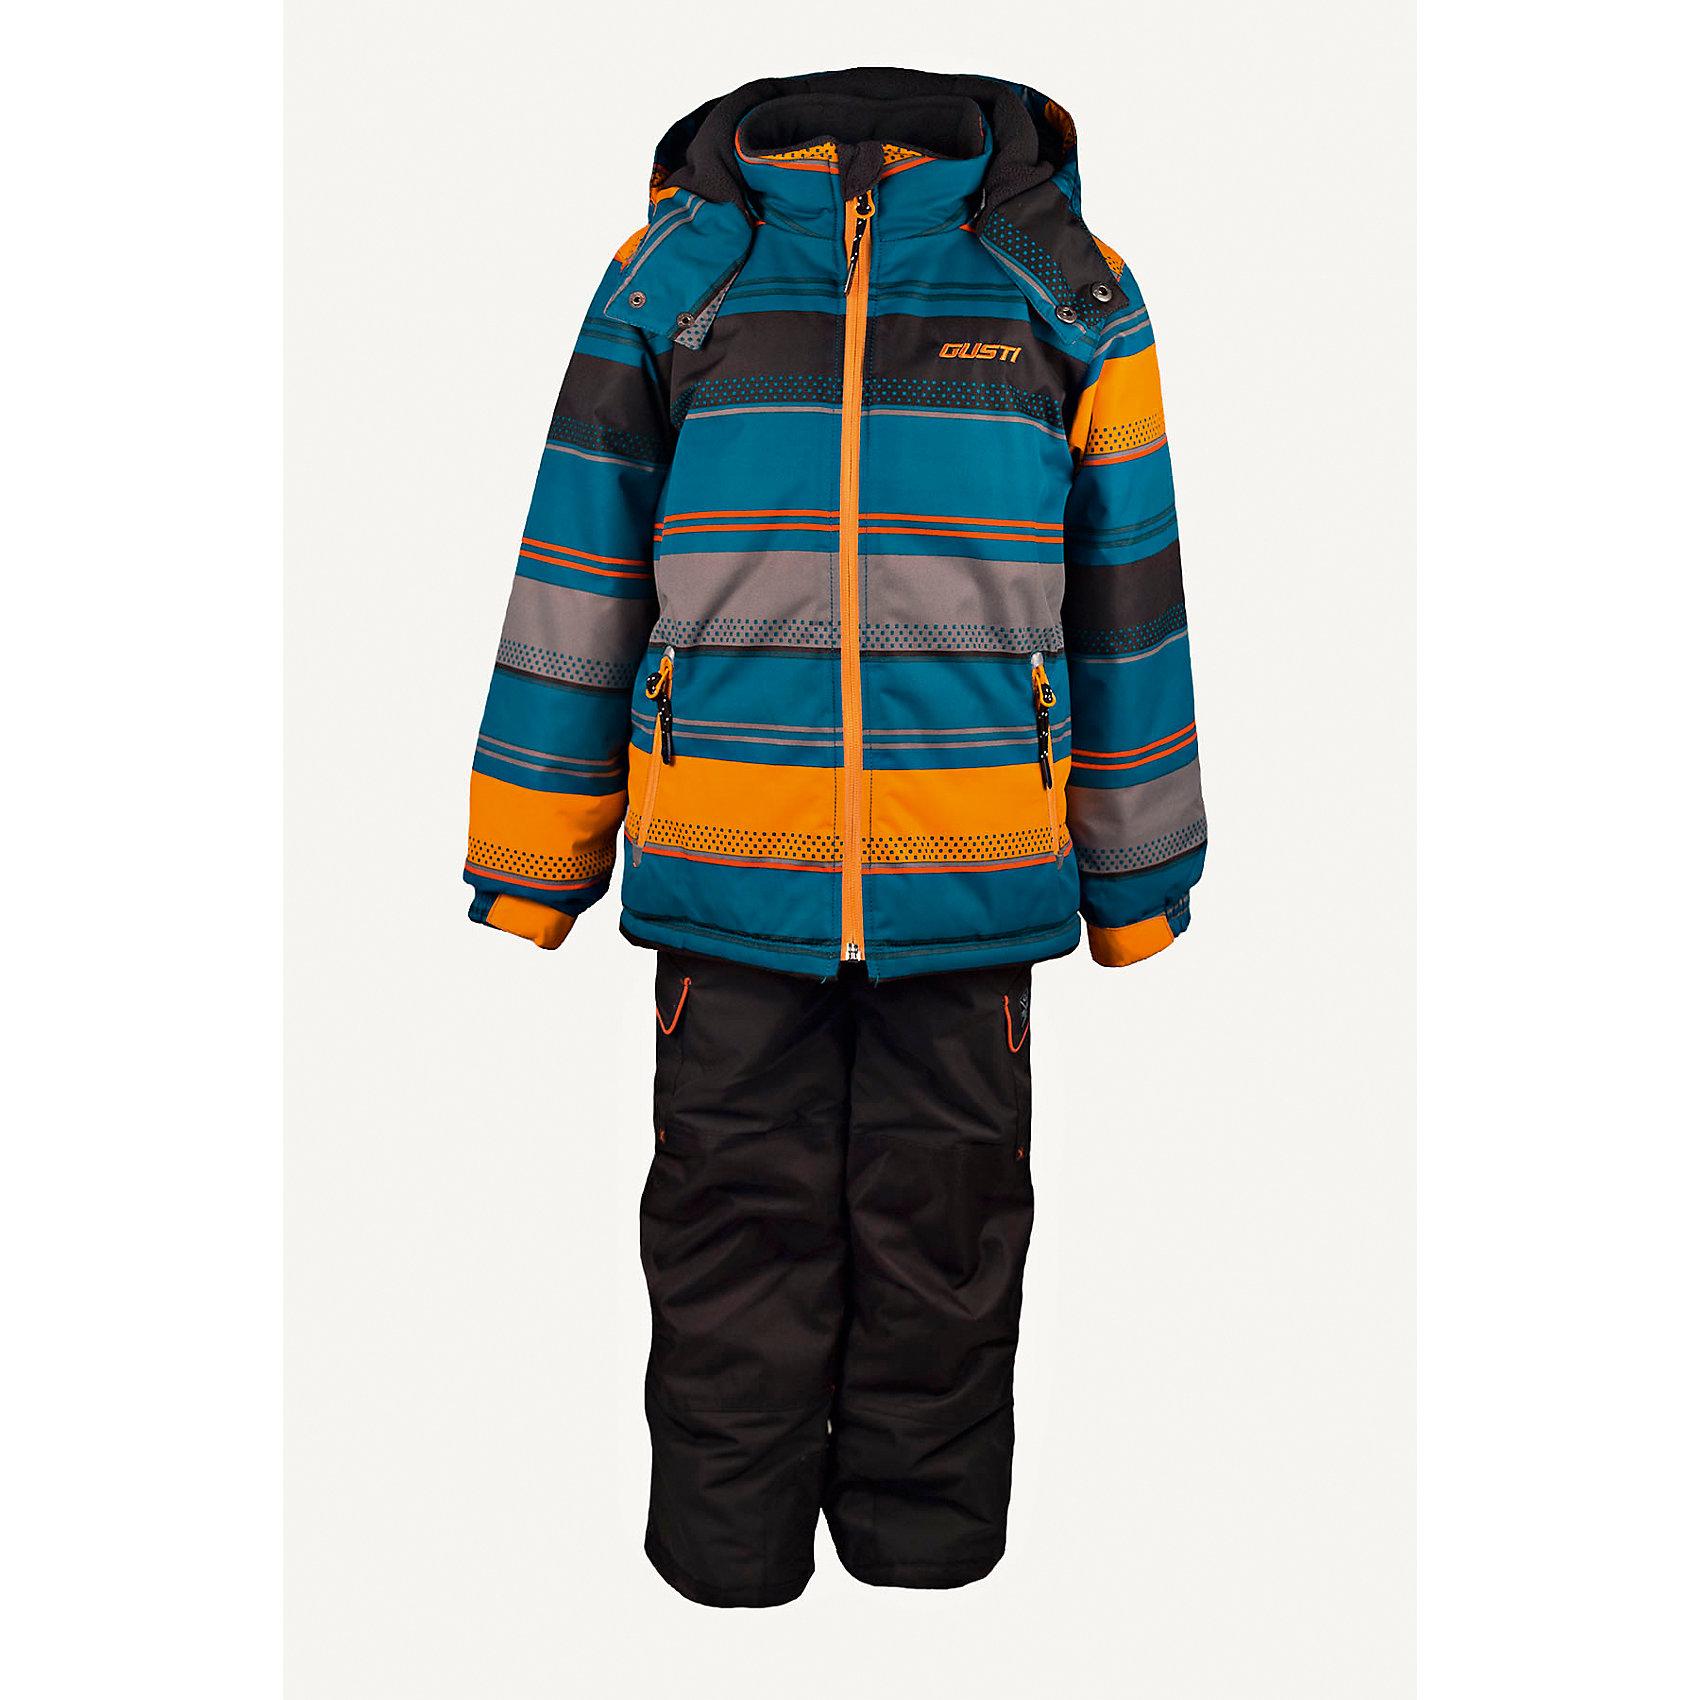 Комплект: куртка и полукомбинезон GUSTIКомплект: куртка и полукомбинезон GUSTI (ГУСТИ) – это идеальный вариант для суровой зимы с сильными морозами.<br><br>Температурный режим: до -30  градусов. Степень утепления – высокая. <br><br>* Температурный режим указан приблизительно — необходимо, прежде всего, ориентироваться на ощущения ребенка. Температурный режим работает в случае соблюдения правила многослойности – использования флисовой поддевы и термобелья.<br><br>Комплект от GUSTI (ГУСТИ) состоит из куртки и полукомбинезона прямого кроя, выполненных из плотного непромокаемого материала с защитной от влаги мембраной 5000 мм. Тань хорошо сохраняет тепло, отталкивает влагу и позволяет коже ребенка дышать. Утеплитель из тек-полифилла и флисовая внутренняя отделка на груди и на спинке дают возможность использовать комплект при очень низких температурах. Куртка застегивается на молнию, имеет боковые карманы на застежках-молниях, снегозащитную юбку, трикотажные манжеты в рукавах, отстёгивающийся прилегающий капюшон с флисовой подкладкой. Низ рукавов регулируется с помощью липучек. Полукомбинезон застегивается на молнию, имеет два накладных кармана с клапанами на липучках, регулируемые лямки, снегозащитные гетры. Длина брючин регулируется (отворот с креплением на липе). Сзади, на коленях, и по низу брючин имеется дополнительный слой ткани Cordura Oxford (сверхстойкий полиэстер). До размера 6х (120 см.) у полукомбинезона высокая грудка, в размерах 7 (122 см.) - 14 (164см) отстегивающаяся спинка, грудки нет. Модель подходит для прогулок на морозе до -30 градусов.<br><br>Дополнительная информация:<br><br>- Сезон: зима<br>- Пол: мальчик<br>- Цвет: серый, синий, желтый, черный<br>- Узор: полоска<br>- Температурный режим до -30 градусов<br>- Материал верха: куртка - shuss 5000мм (100% полиэстер); брюки - taslan 5000мм, накладки Cordura Oxford сзади, на коленях, и по низу брючин<br>- Наполнитель: куртка - тек-полифилл плотностью 283 гр/м (10 унций) 100% полиэстер; брюки - тек-полиф